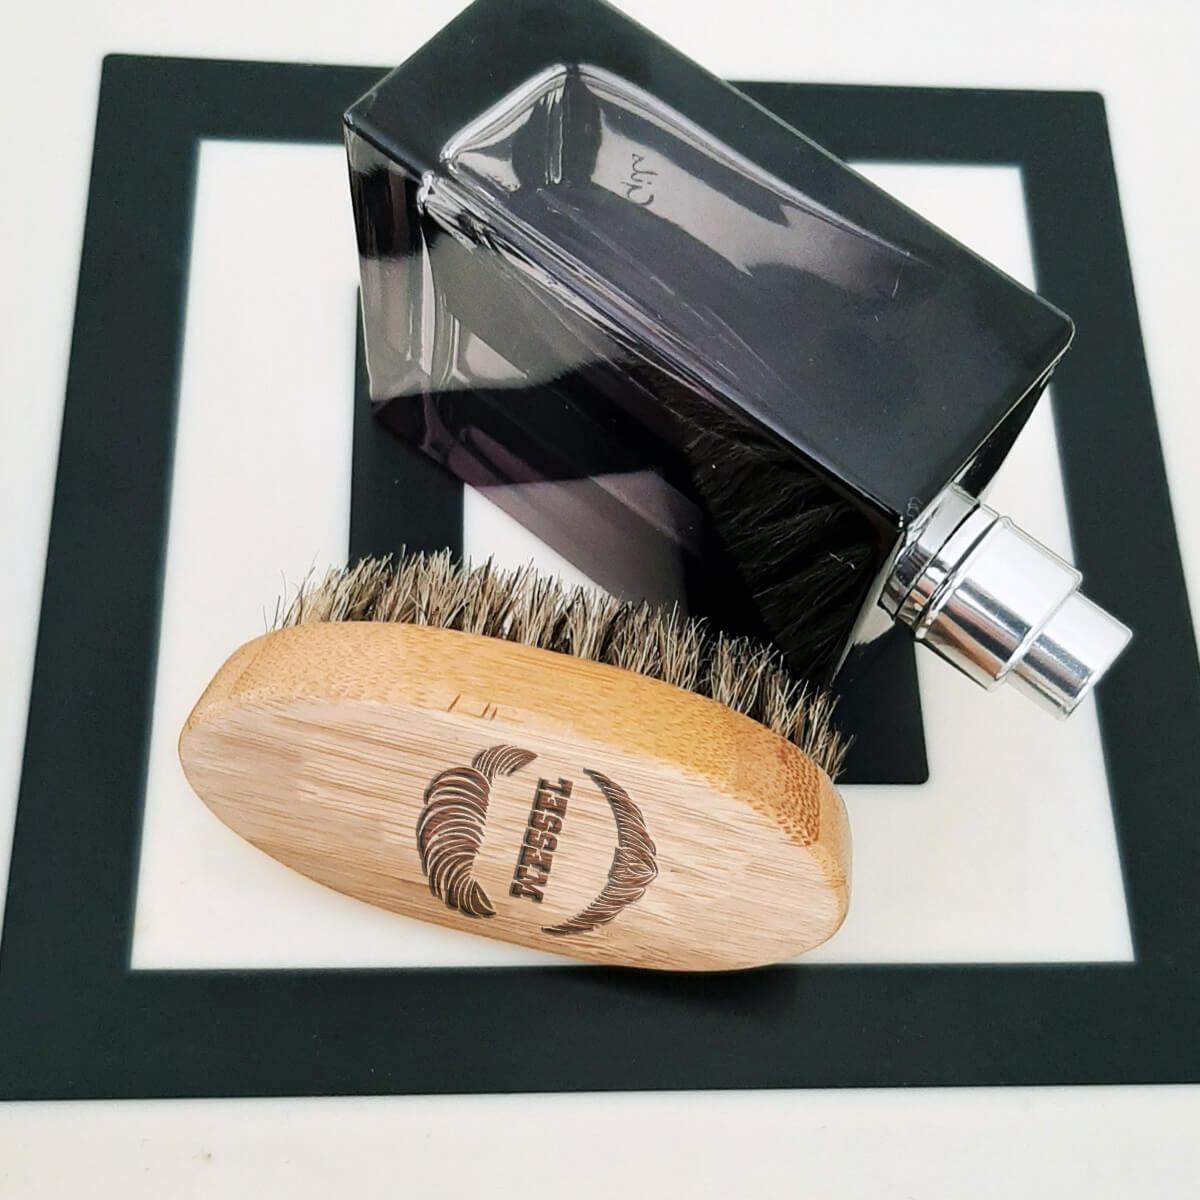 Onderhoud van je snor en baard met deze borstel met personalisatie